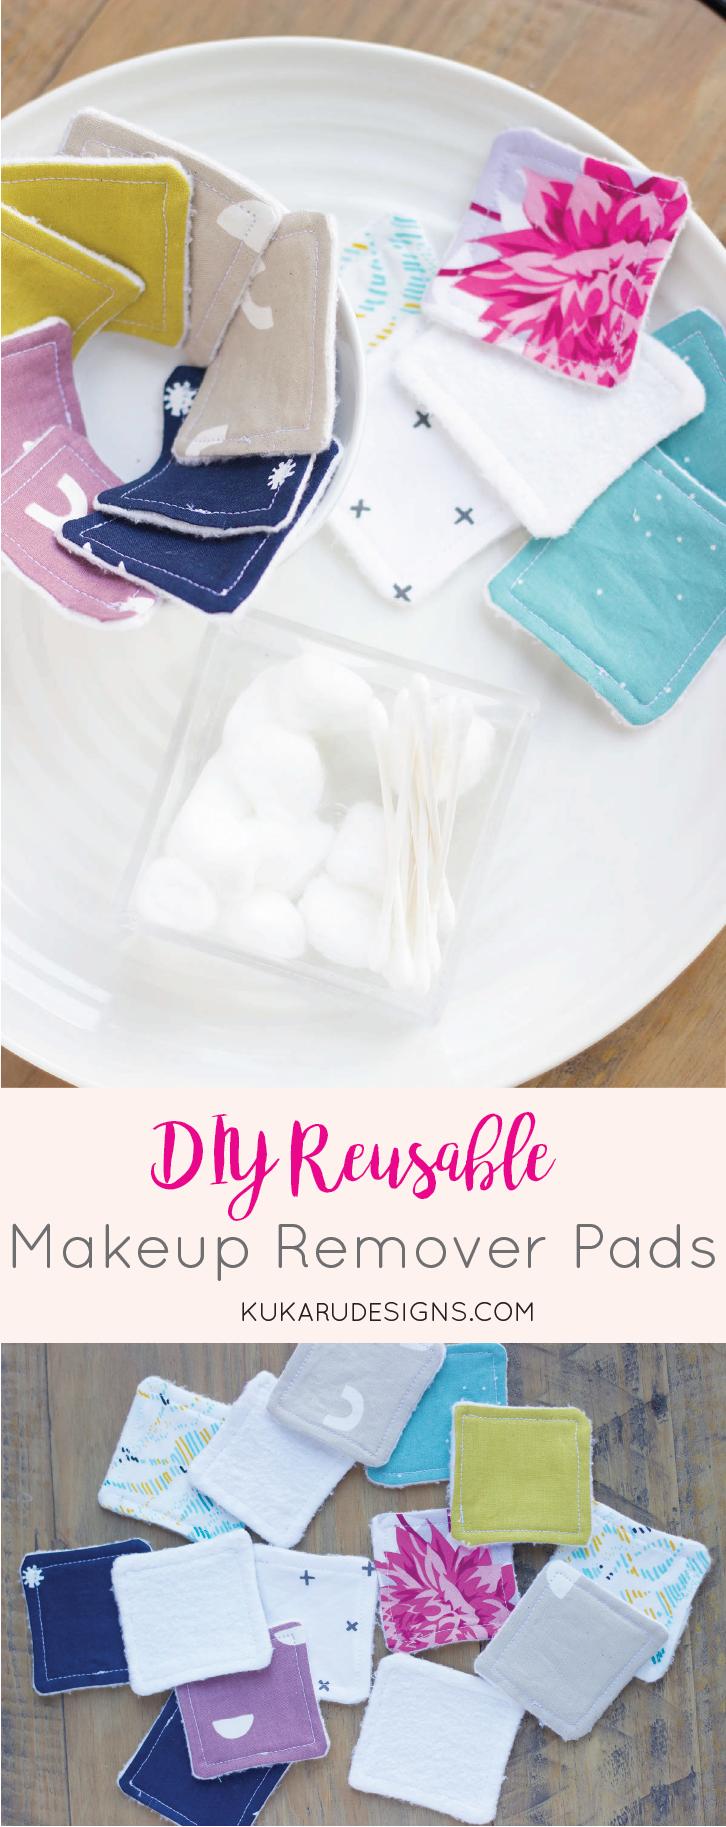 Diy Makeup Remover Pads: Reusable Face Wipes Diy Makeup Remover Pads: Reusable Face Wipes Makeup Diy Crafts diy makeup remover 5 minute crafts